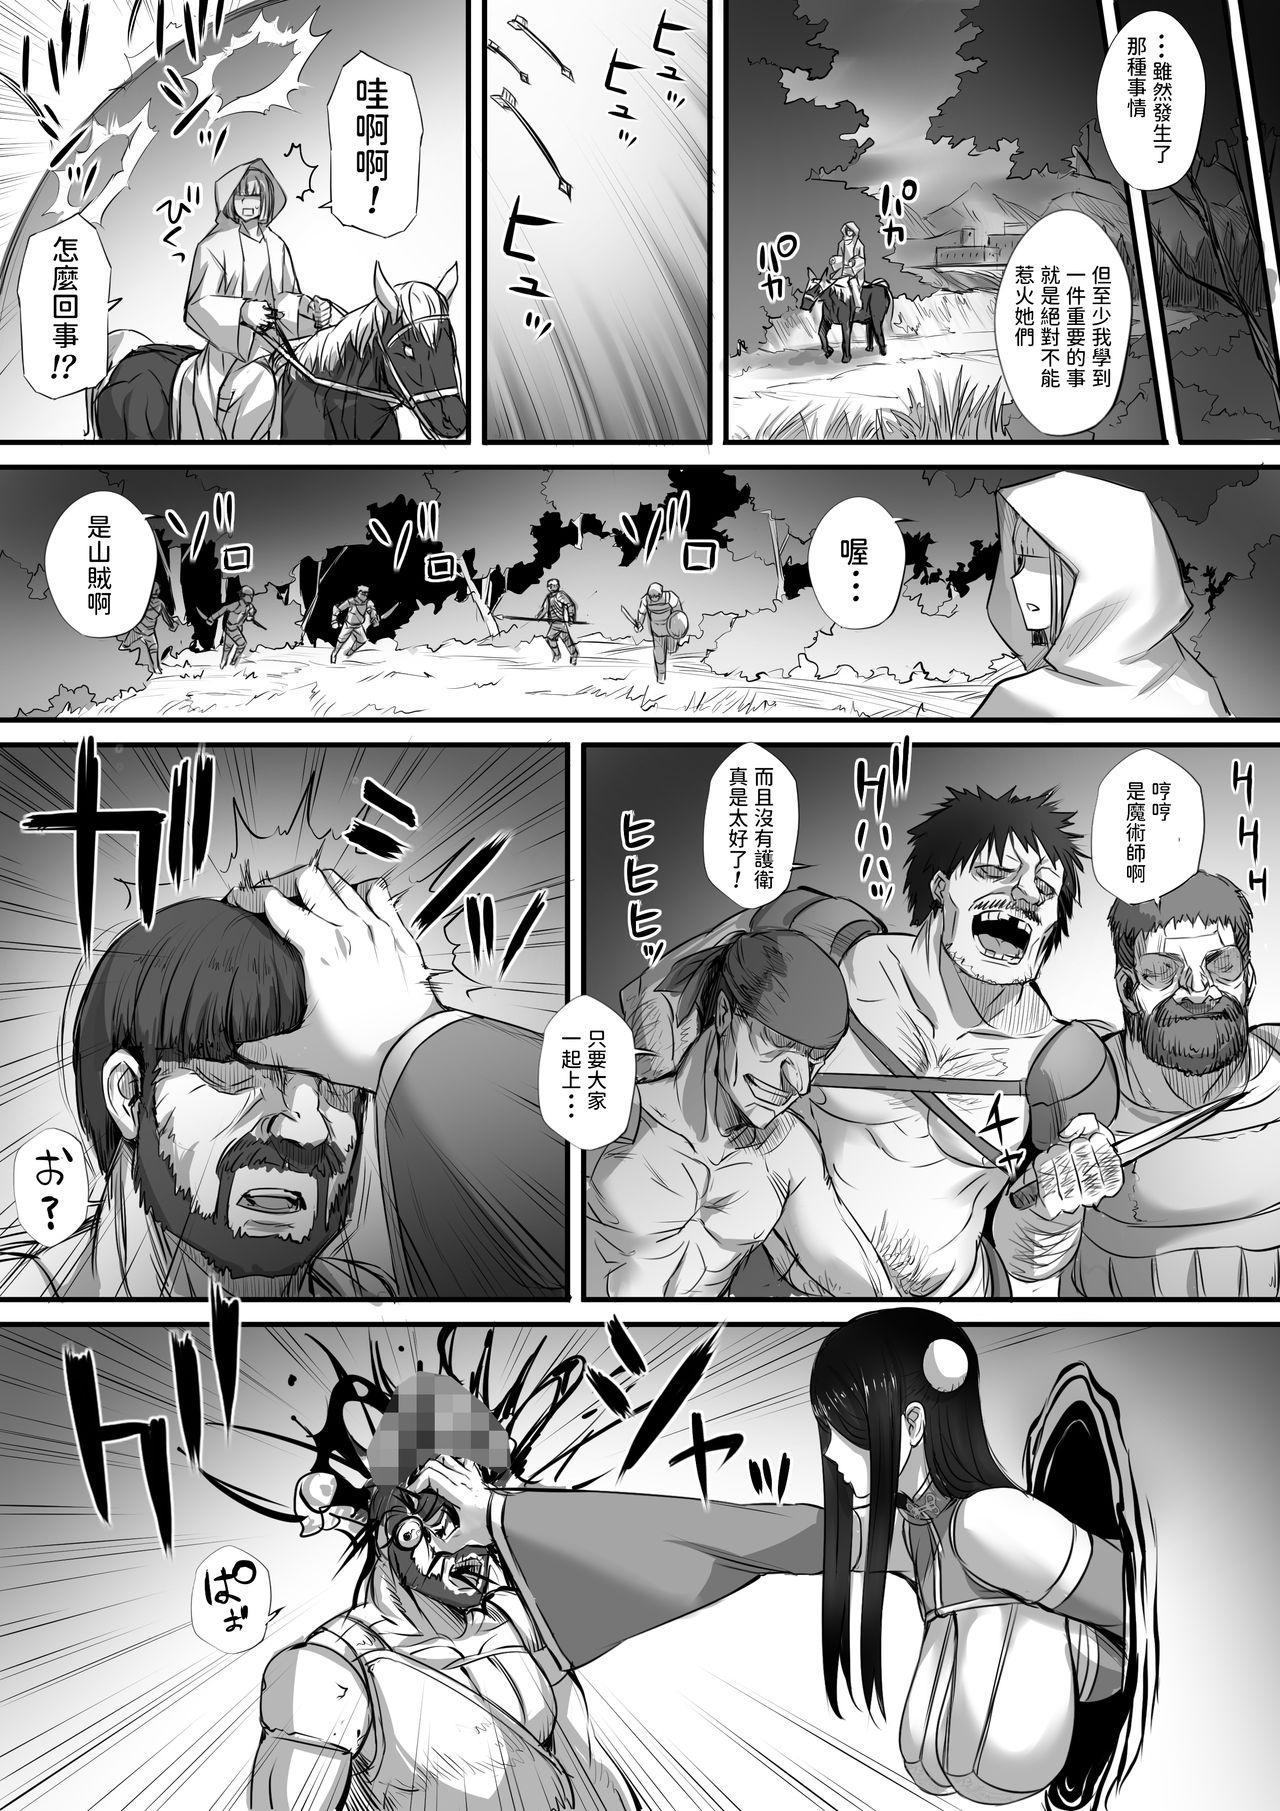 Meikyuu de Kakutou Musume no Shitai o Hirotte Jiangshi ni Shitemita Hanashi 2 23